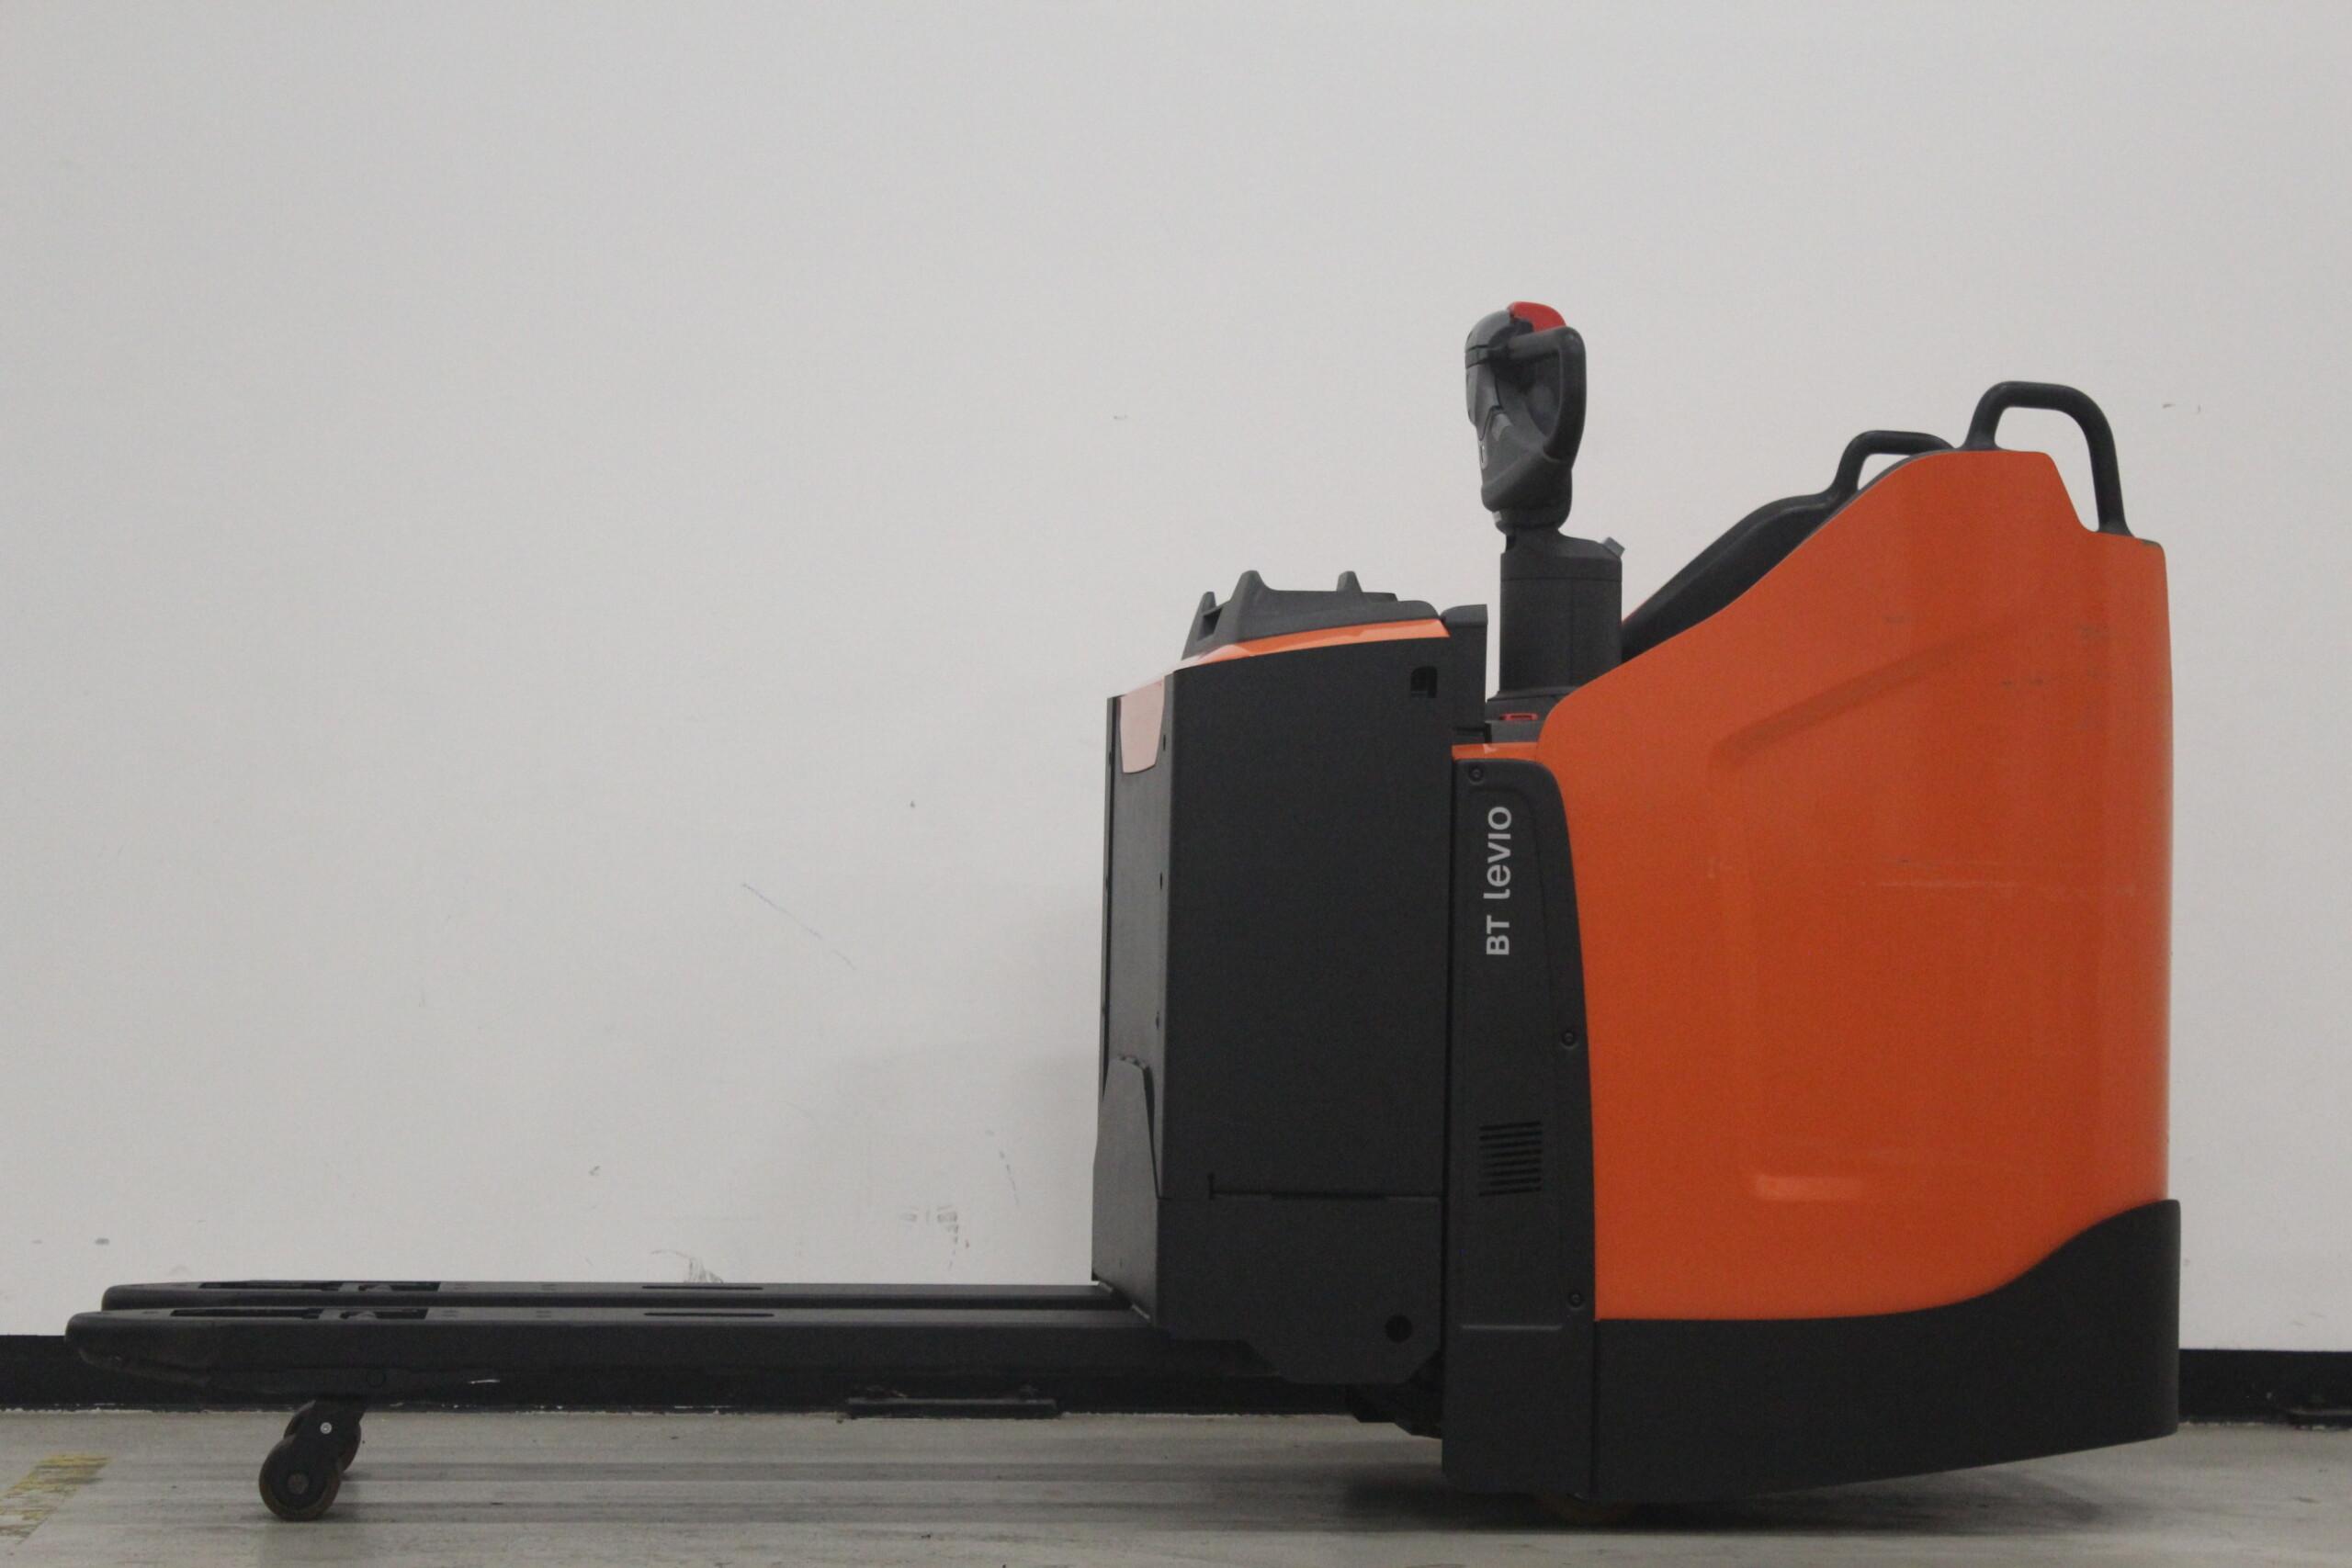 Toyota-Gabelstapler-59840 2001025085 1 8 scaled